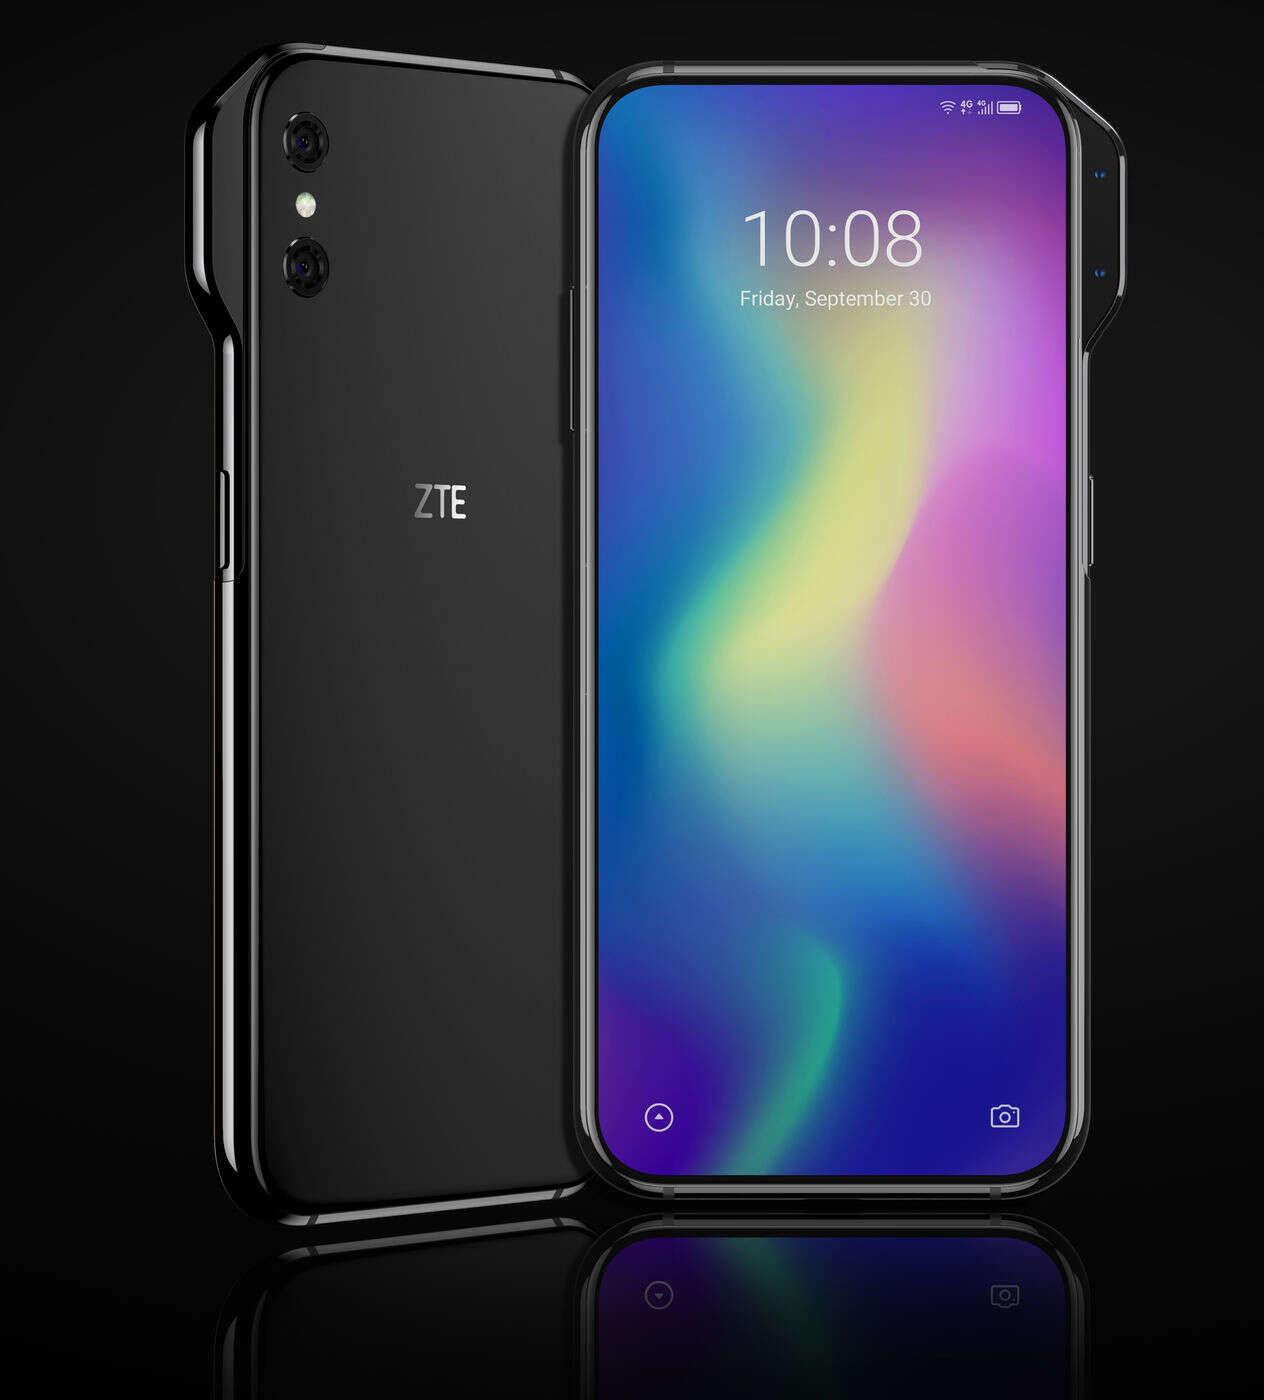 ZTE Axon V, aparat ZTE Axon V, wybrzuszenie ZTE Axon V, przedni aparat ZTE Axon V, wycięcie ZTE Axon V, ekran ZTE Axon V, specyfikacja ZTE Axon V